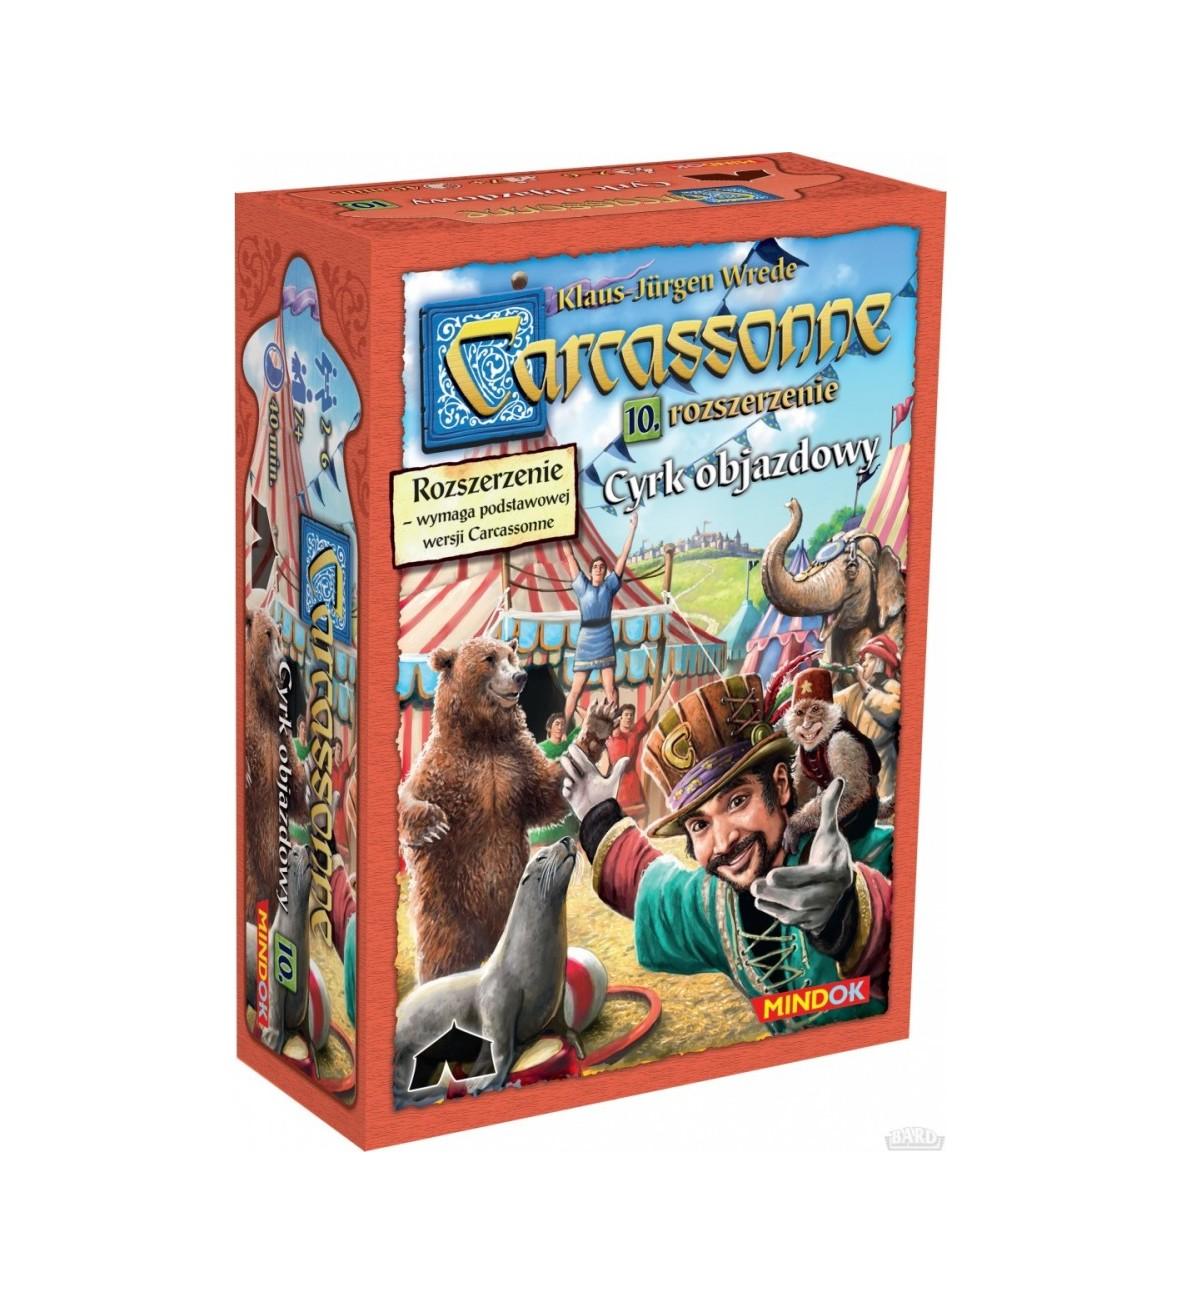 Bard Gra Carcassonne Cyrk Objazdowy